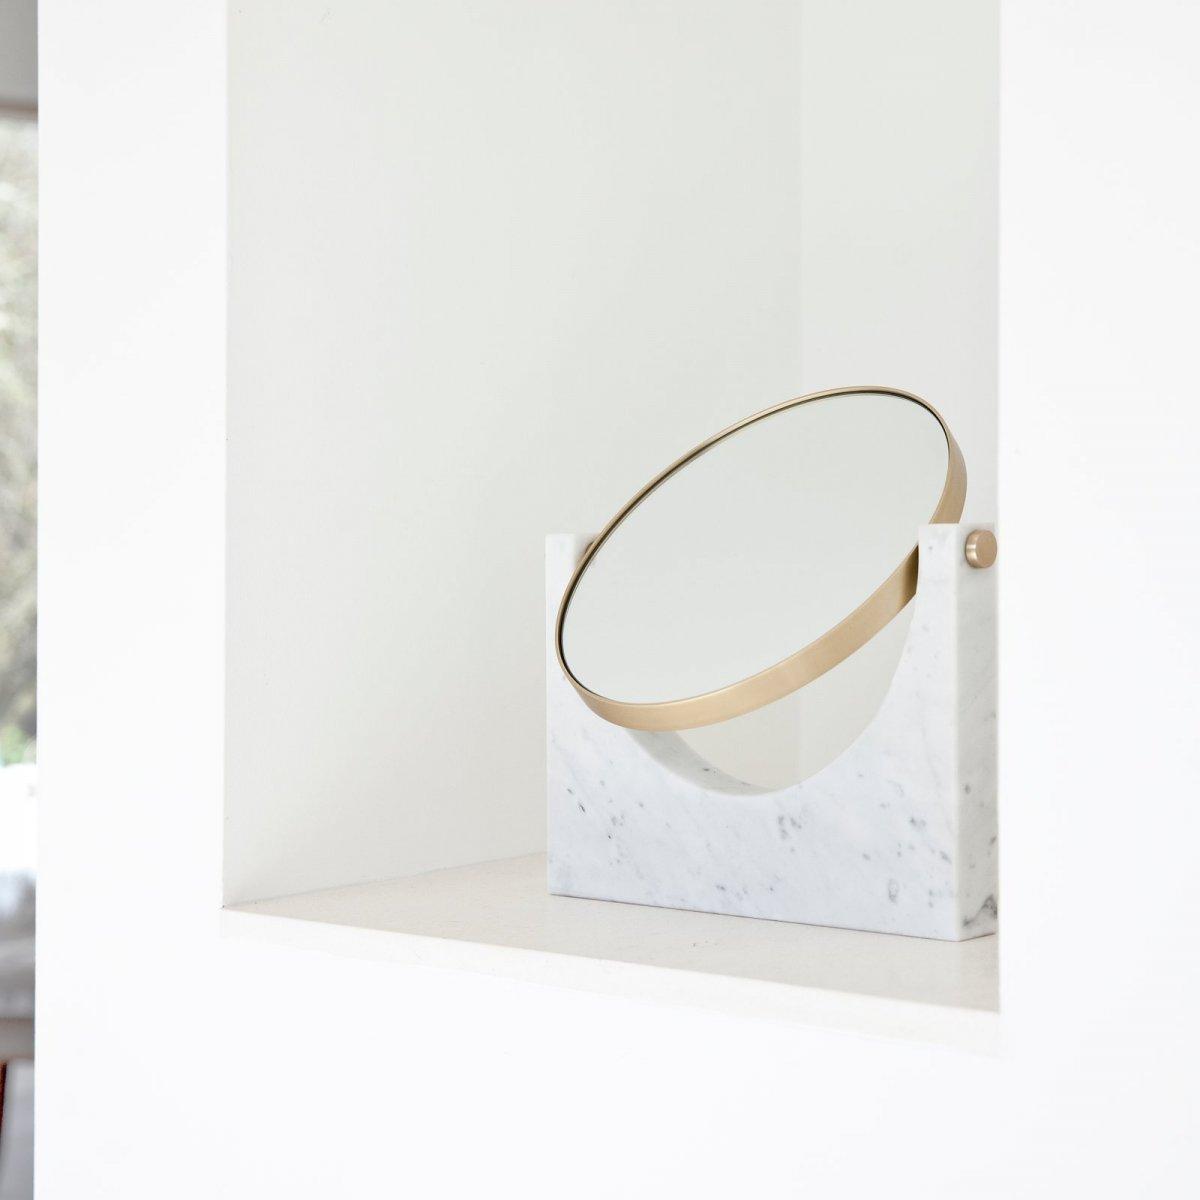 Pepe Marble Mirror, white.